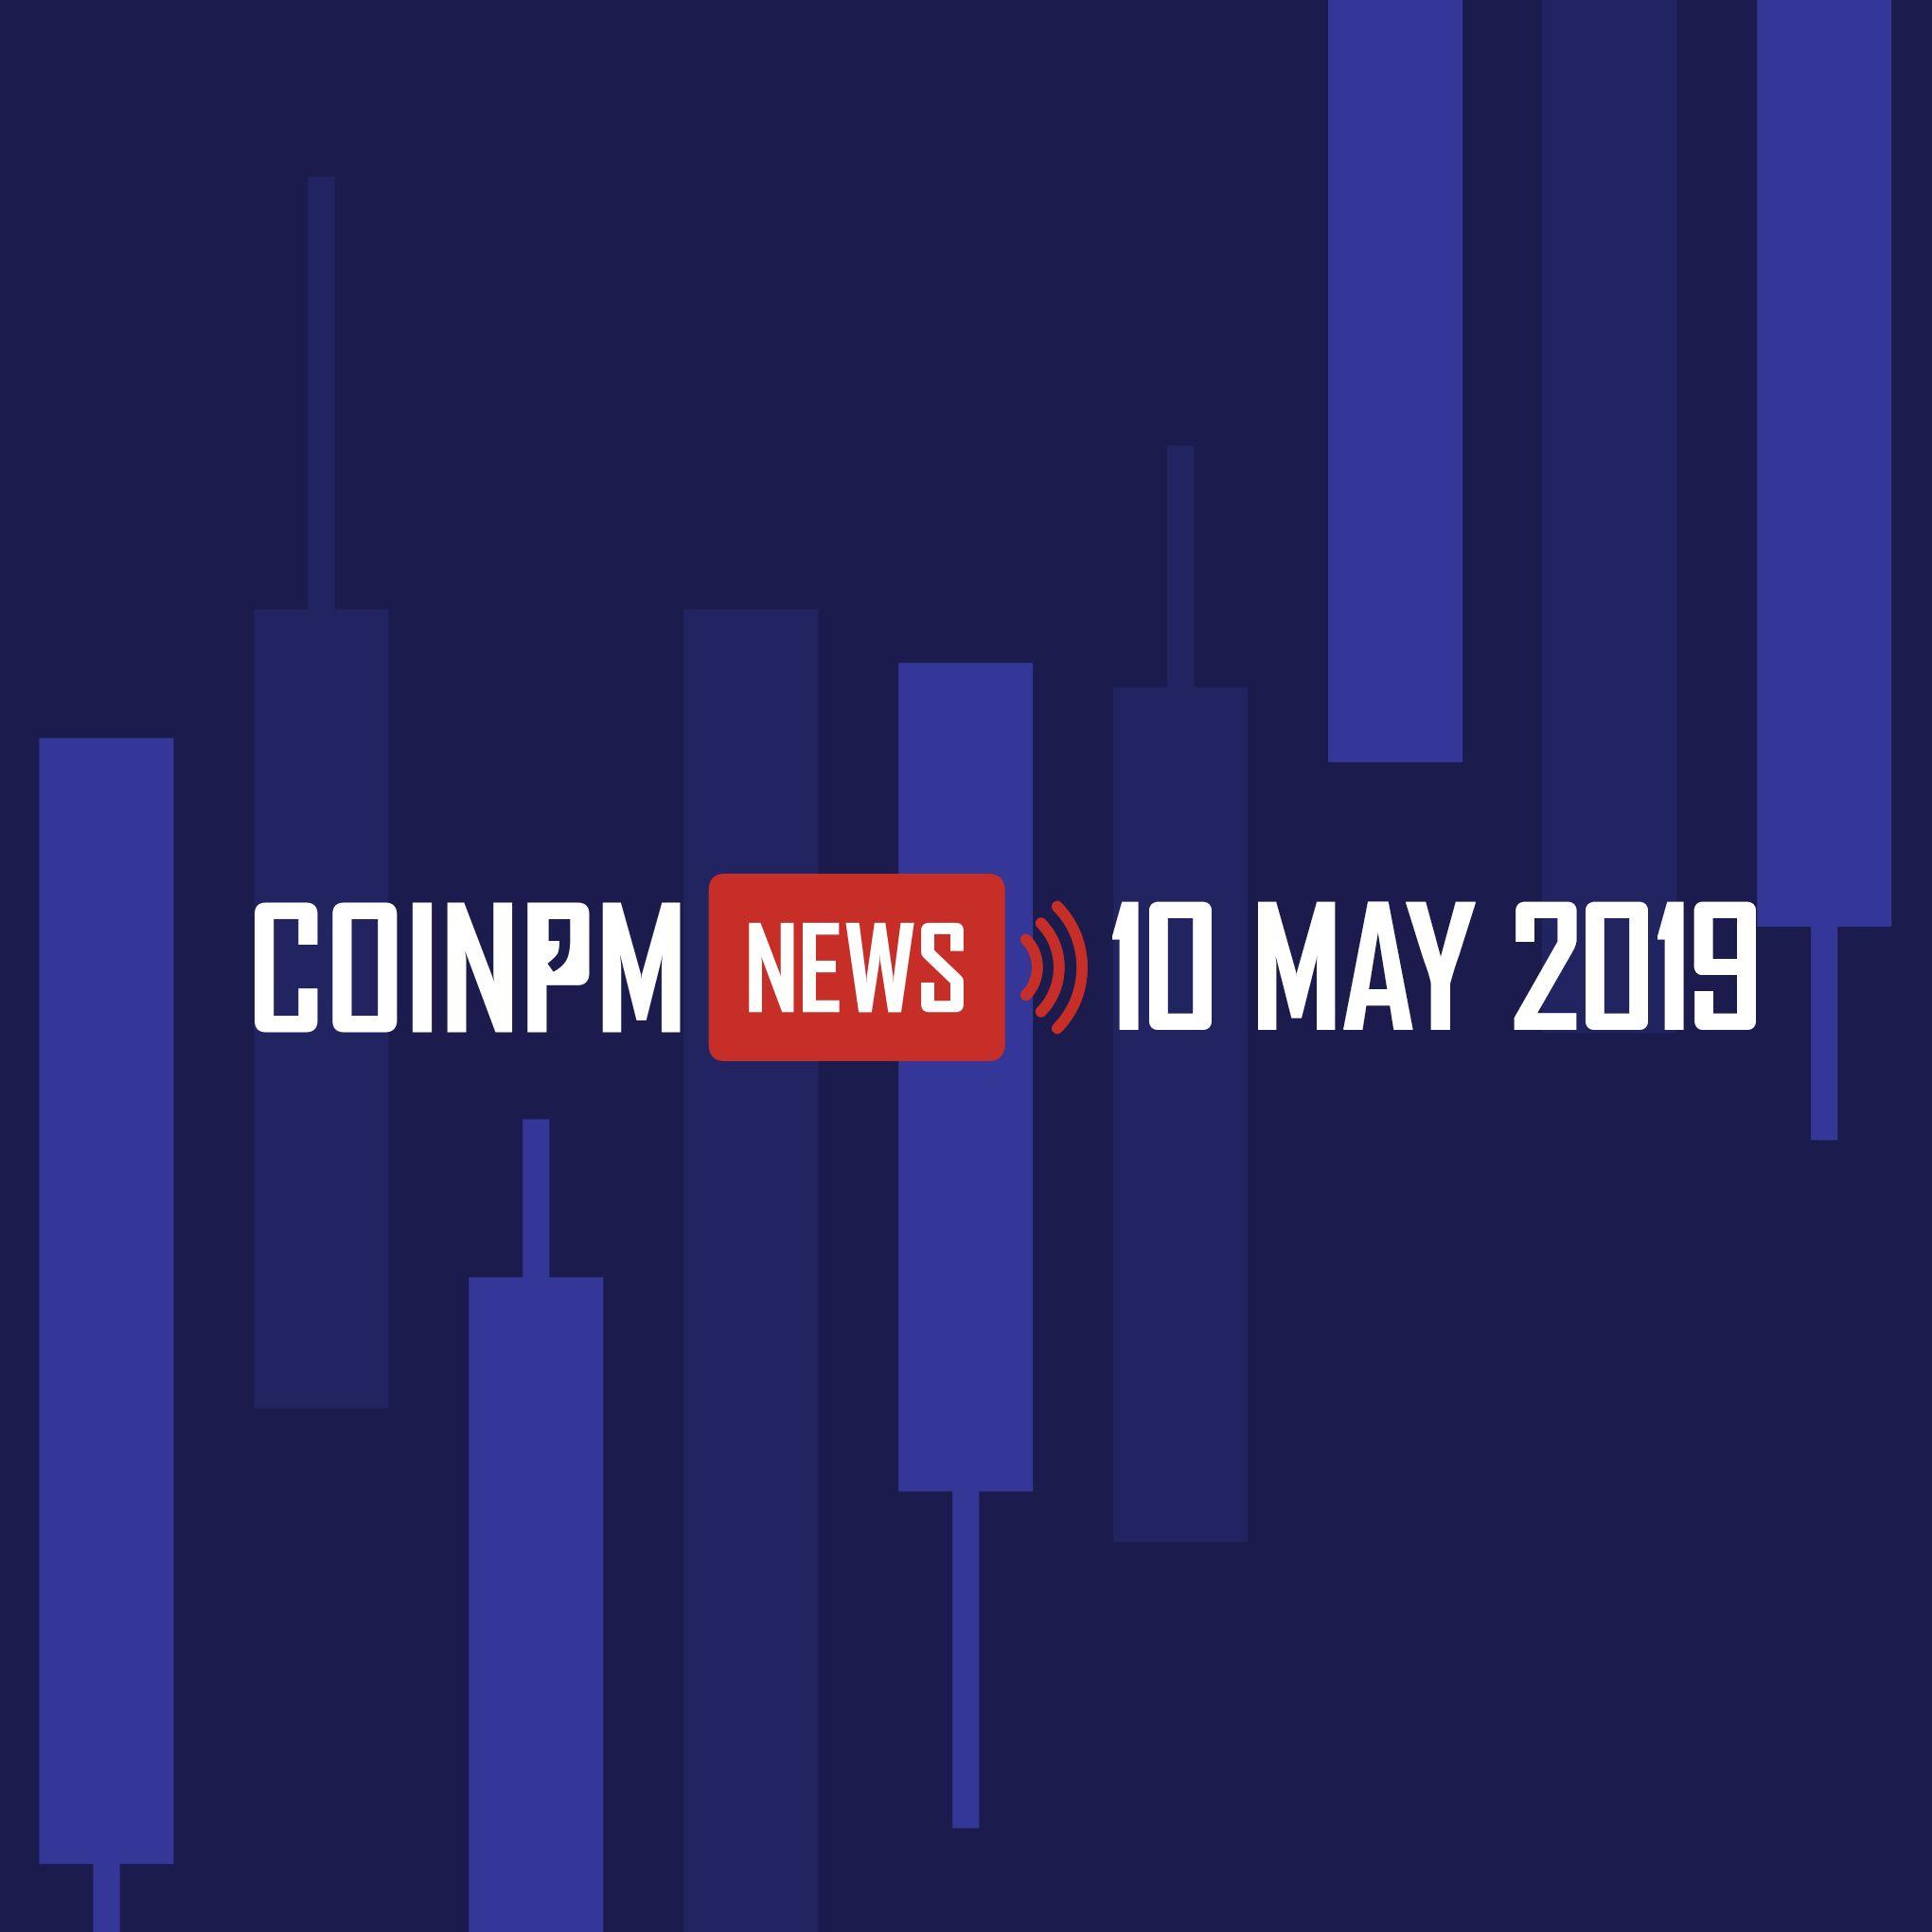 10th May 2019